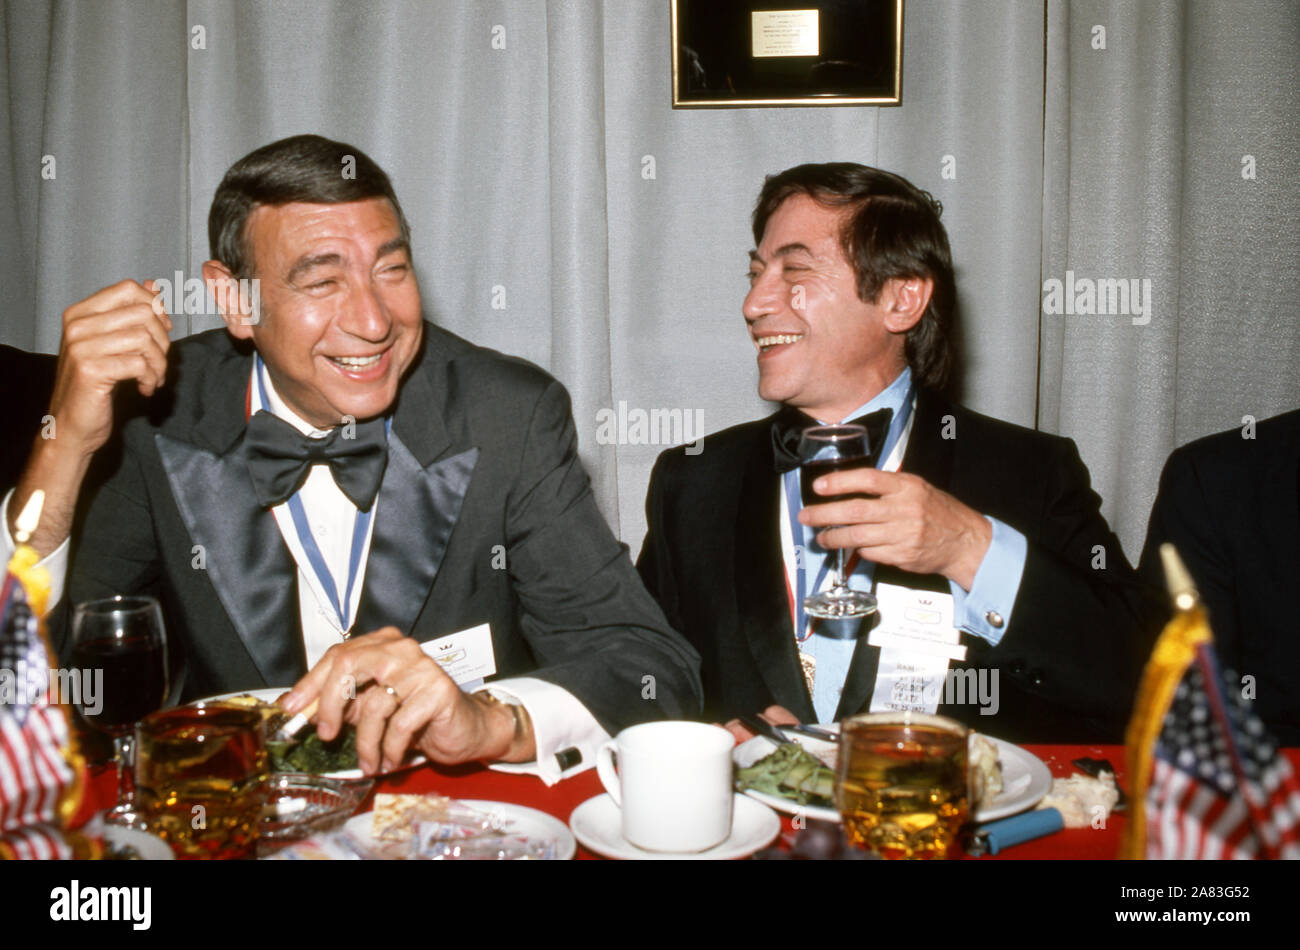 """25 DE JUNIO: American periodista deportivo Howard Cosell (1918-1995) habla en el """"Banquete de la plancha de oro' el 25 de junio de 1972. (Foto por Hy Peskin) *** Local Caption *** Howard Cosell Foto de stock"""